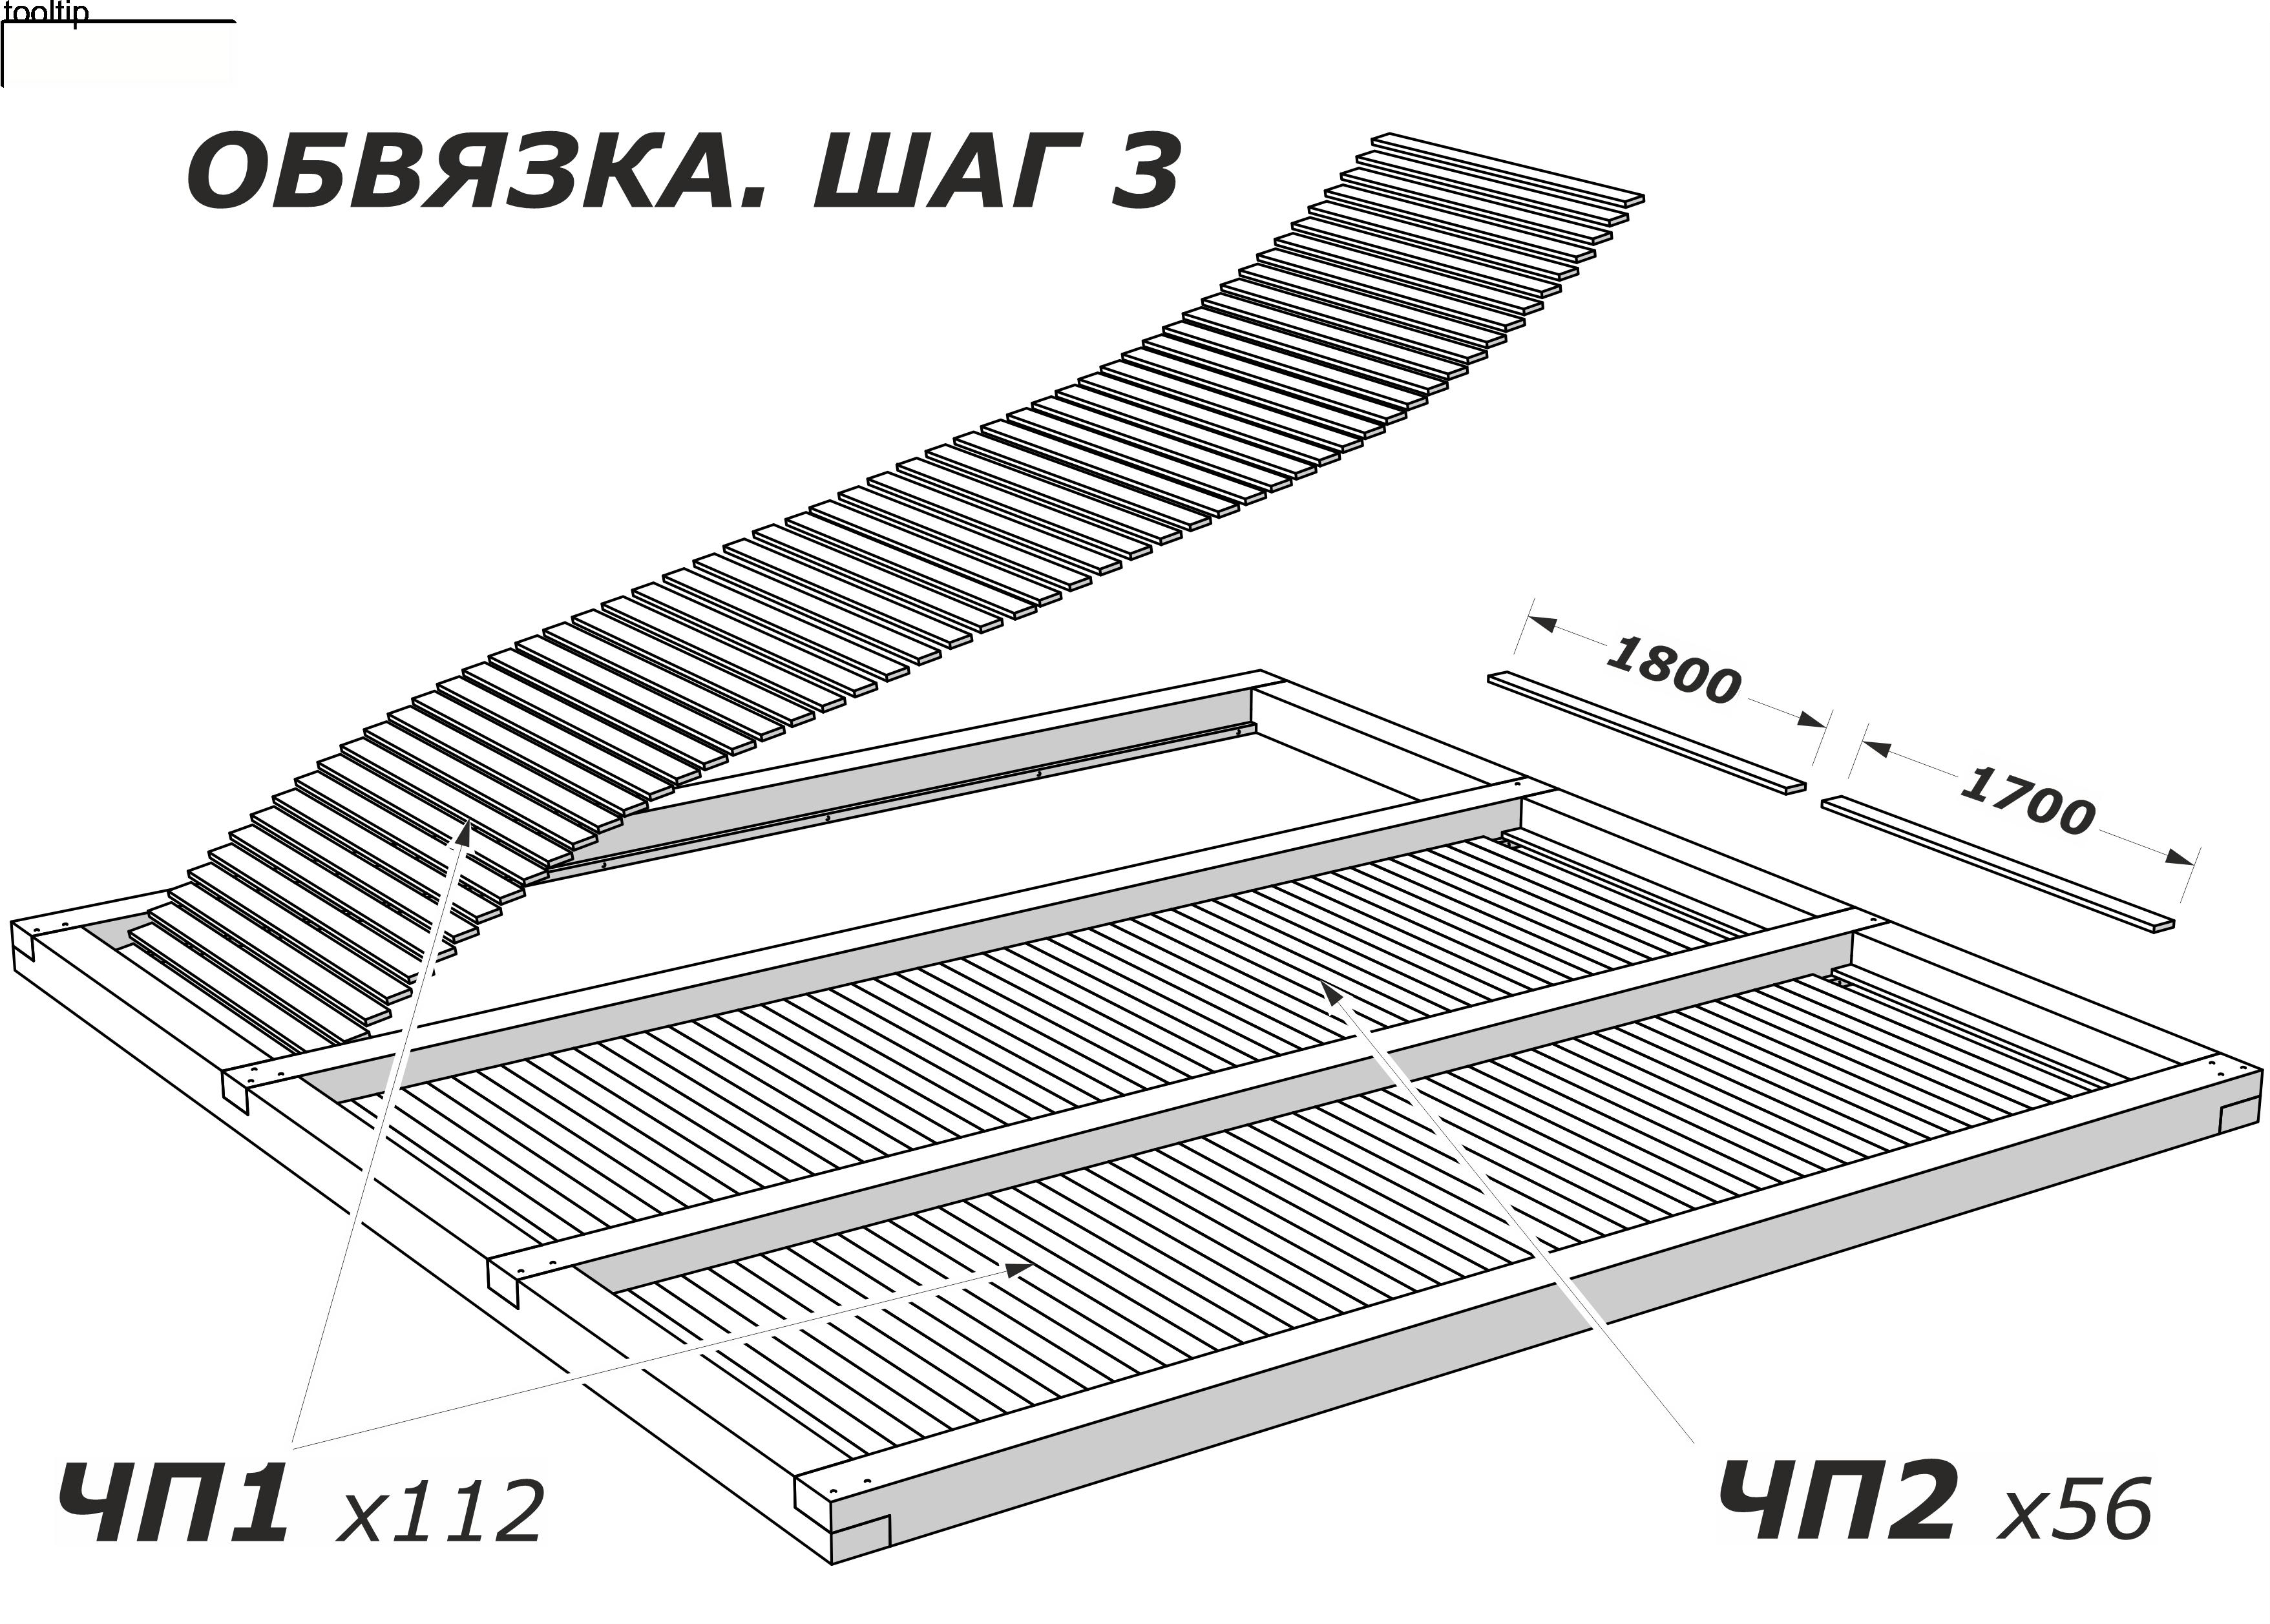 E425e80681